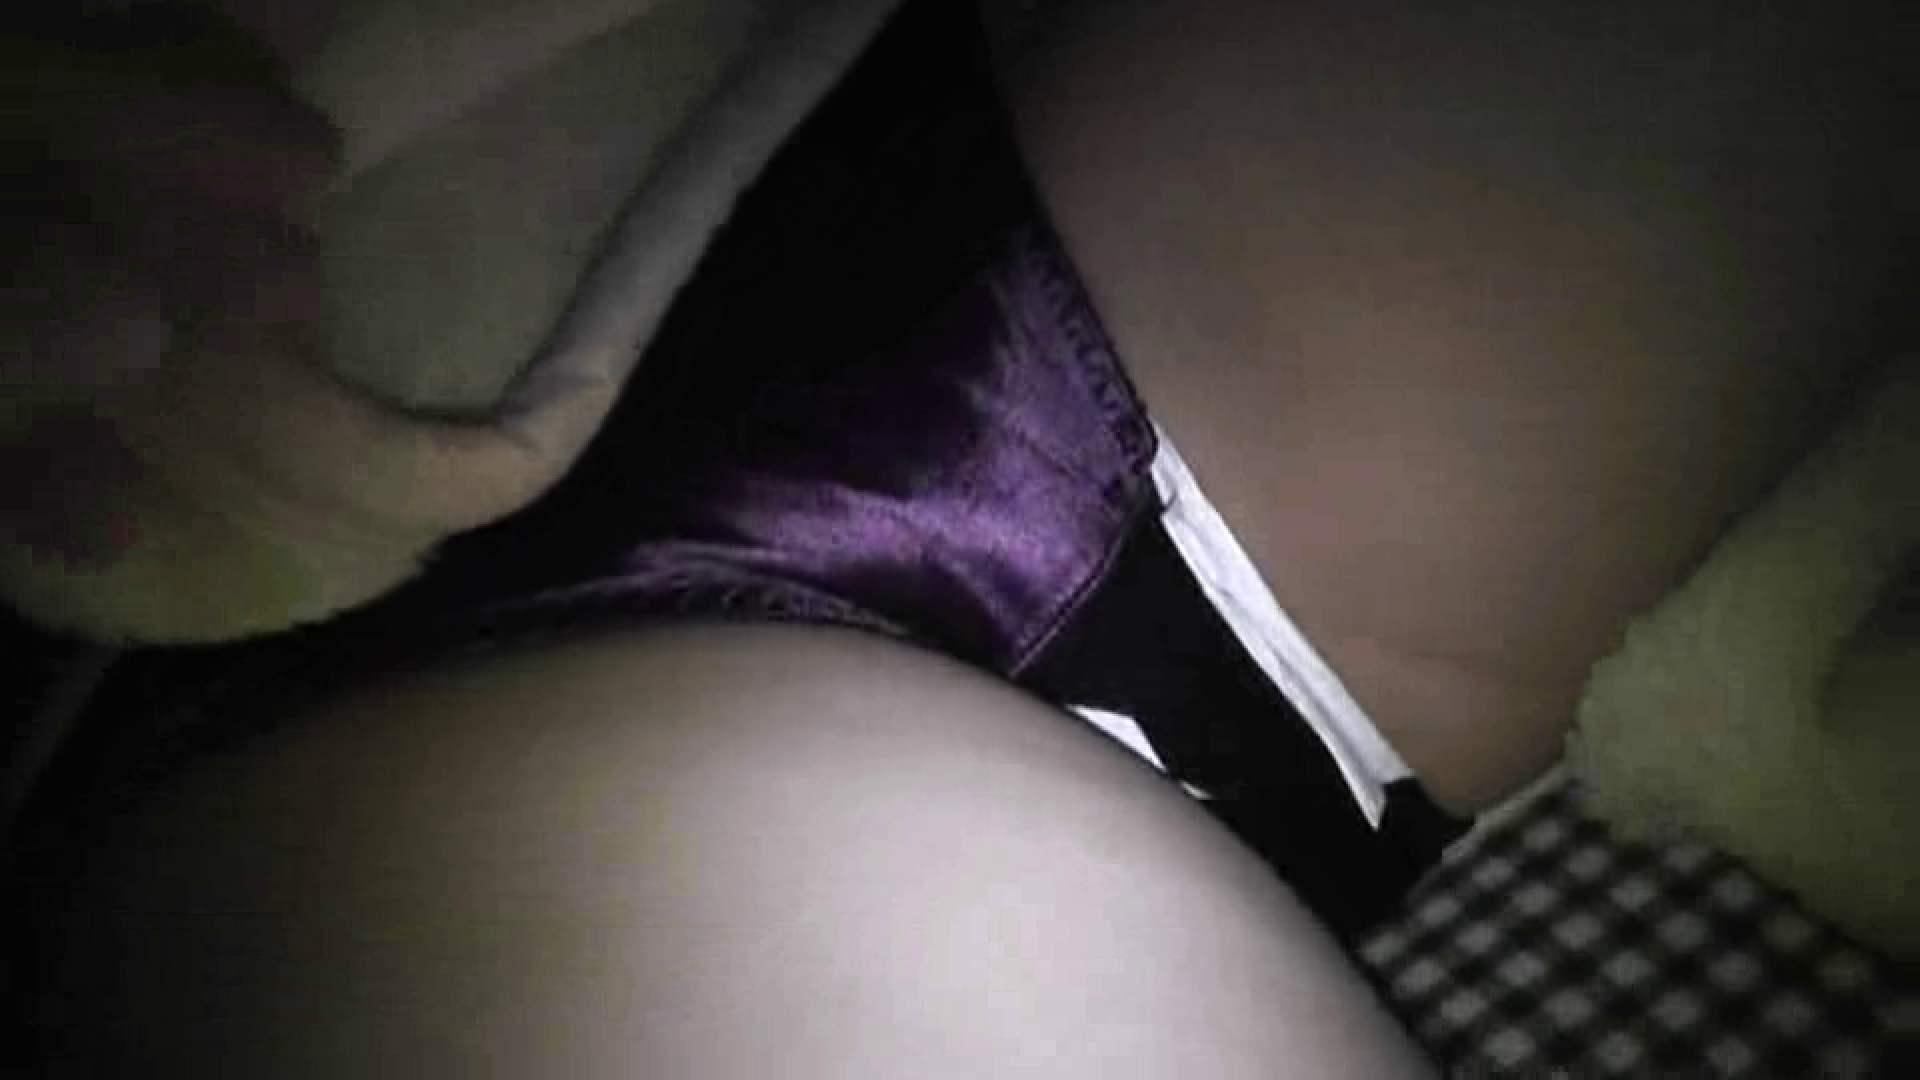 (年末年始限定復活)悲鳴☆懲役12年の犯行記録 現役ギャル | マンコ・ムレムレ  94pic 51